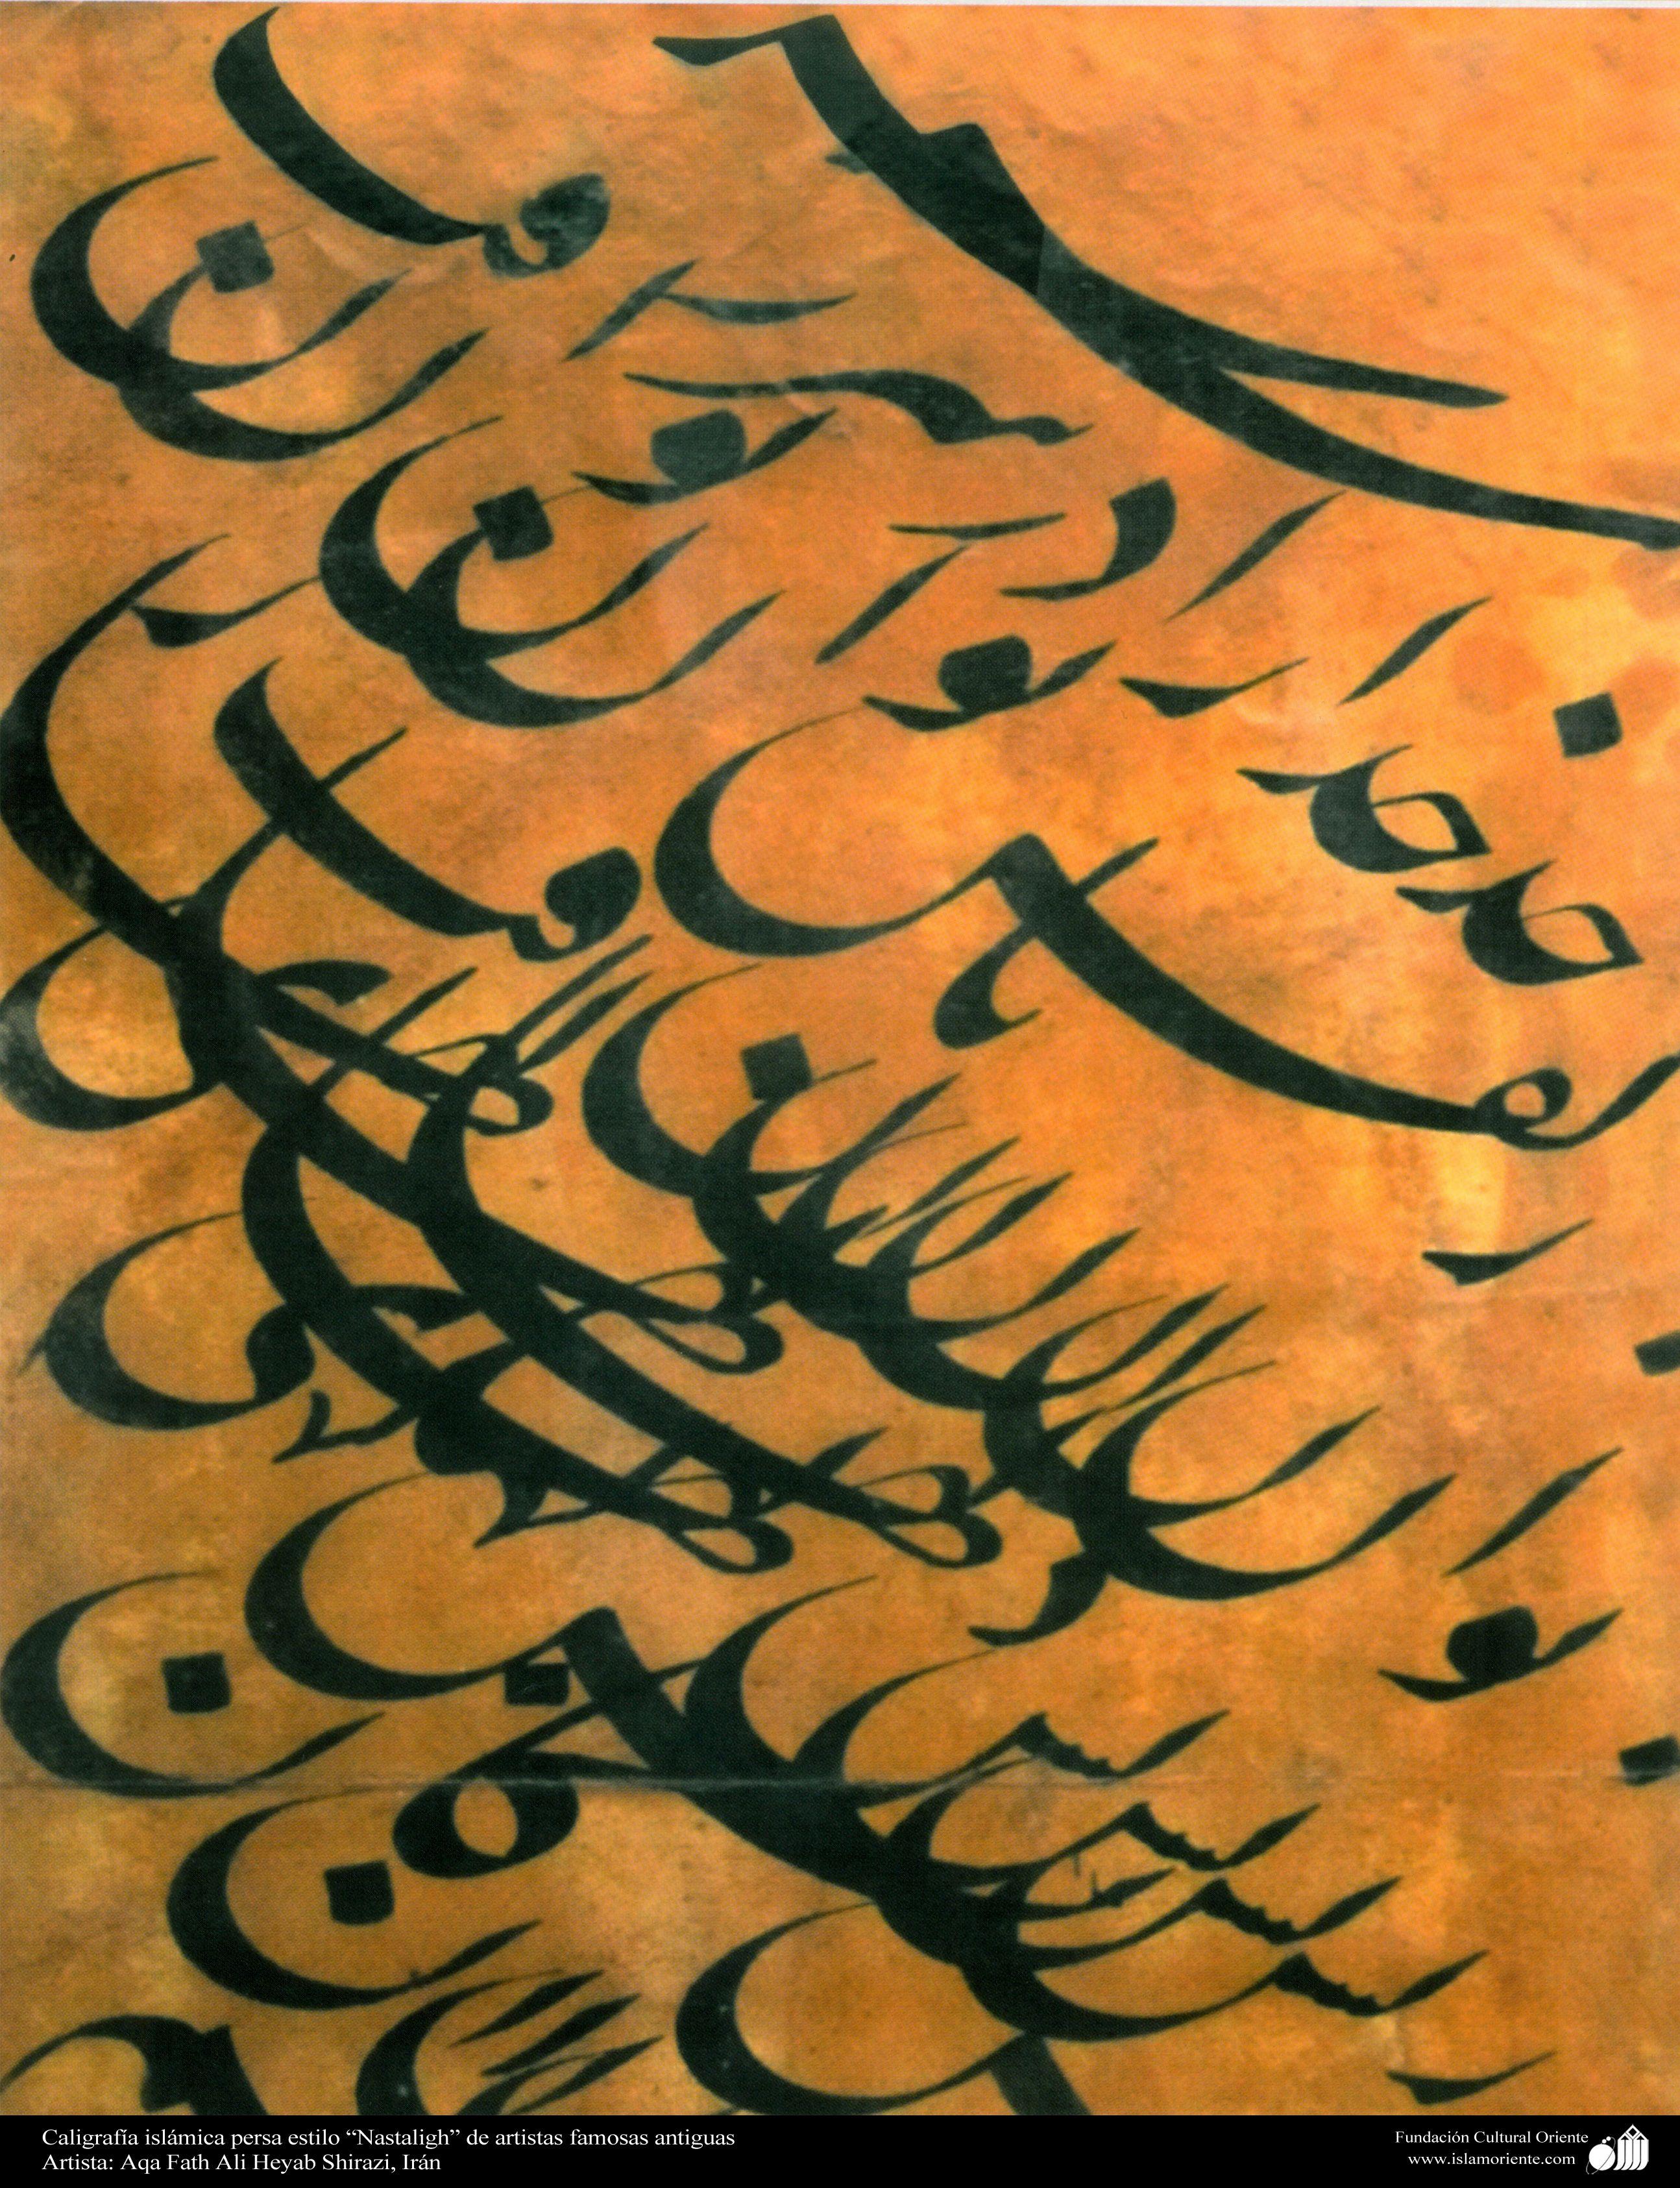 """Caligrafía islámica persa estilo """"Nastaligh"""" de artistas famosas ..."""